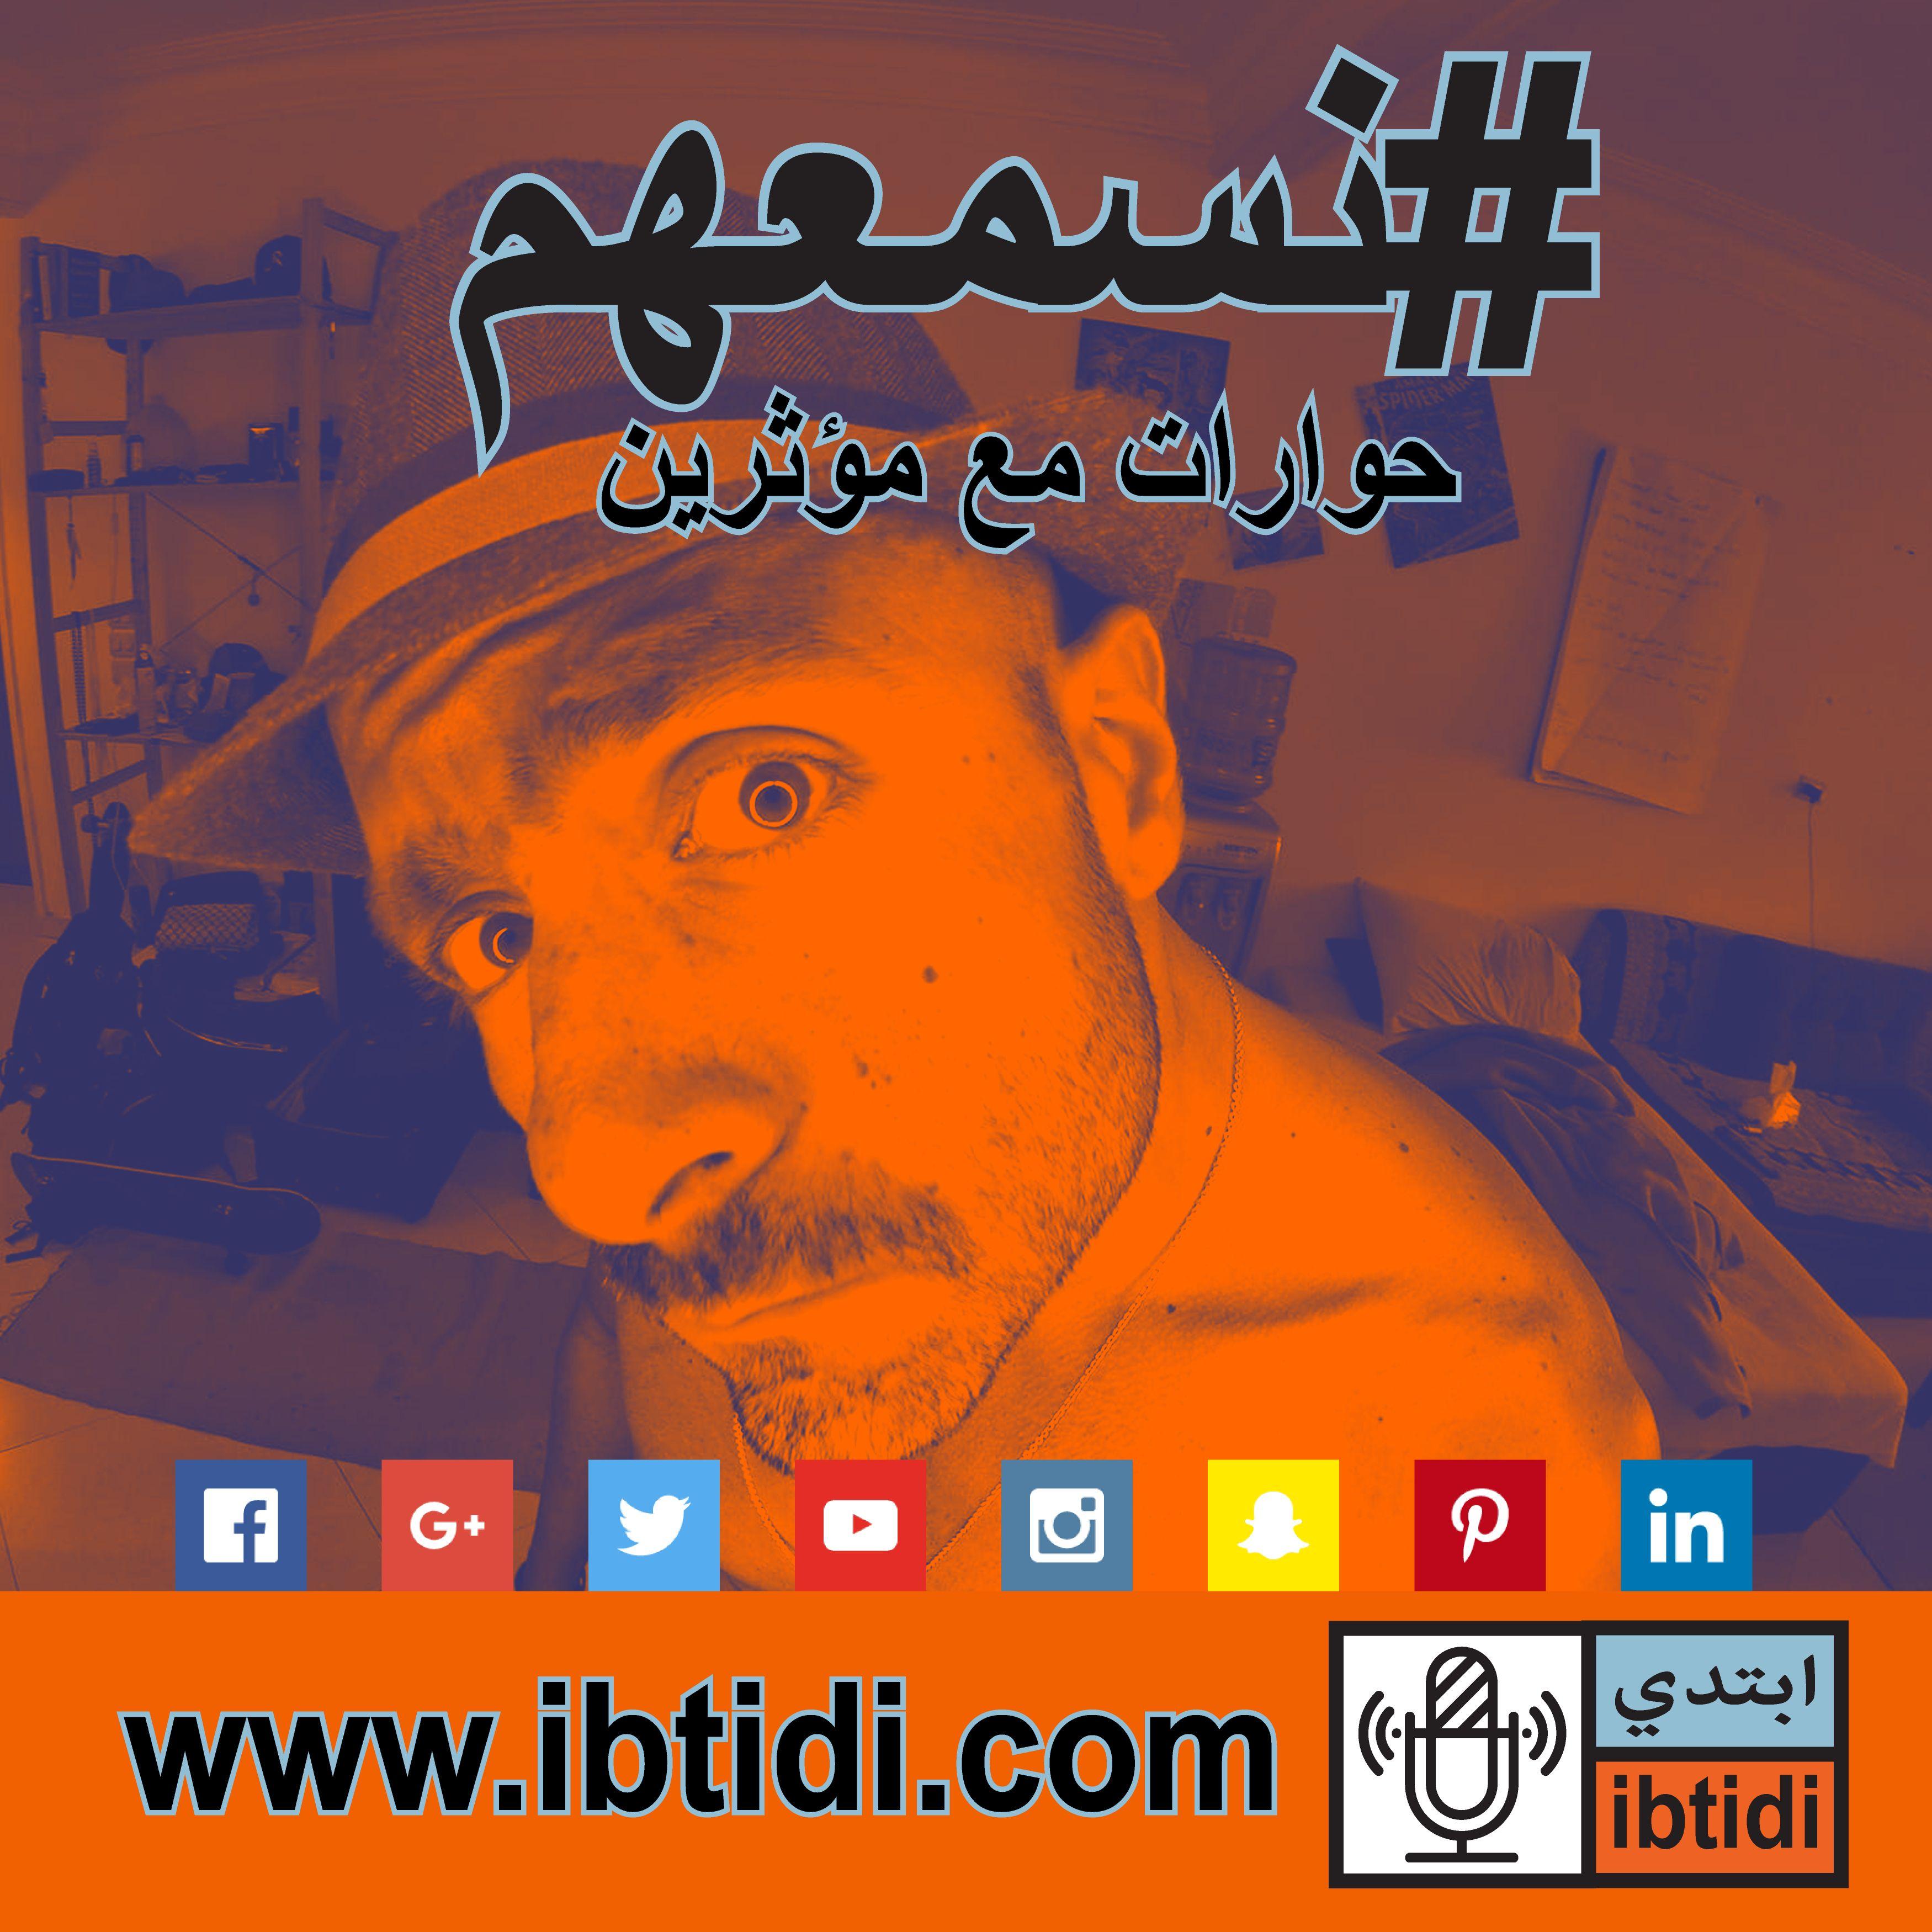 برنامج #نسمعهم - حلقة ٠٠٨- مازن ياسين - الخروج من حالة غسيل الدماغ